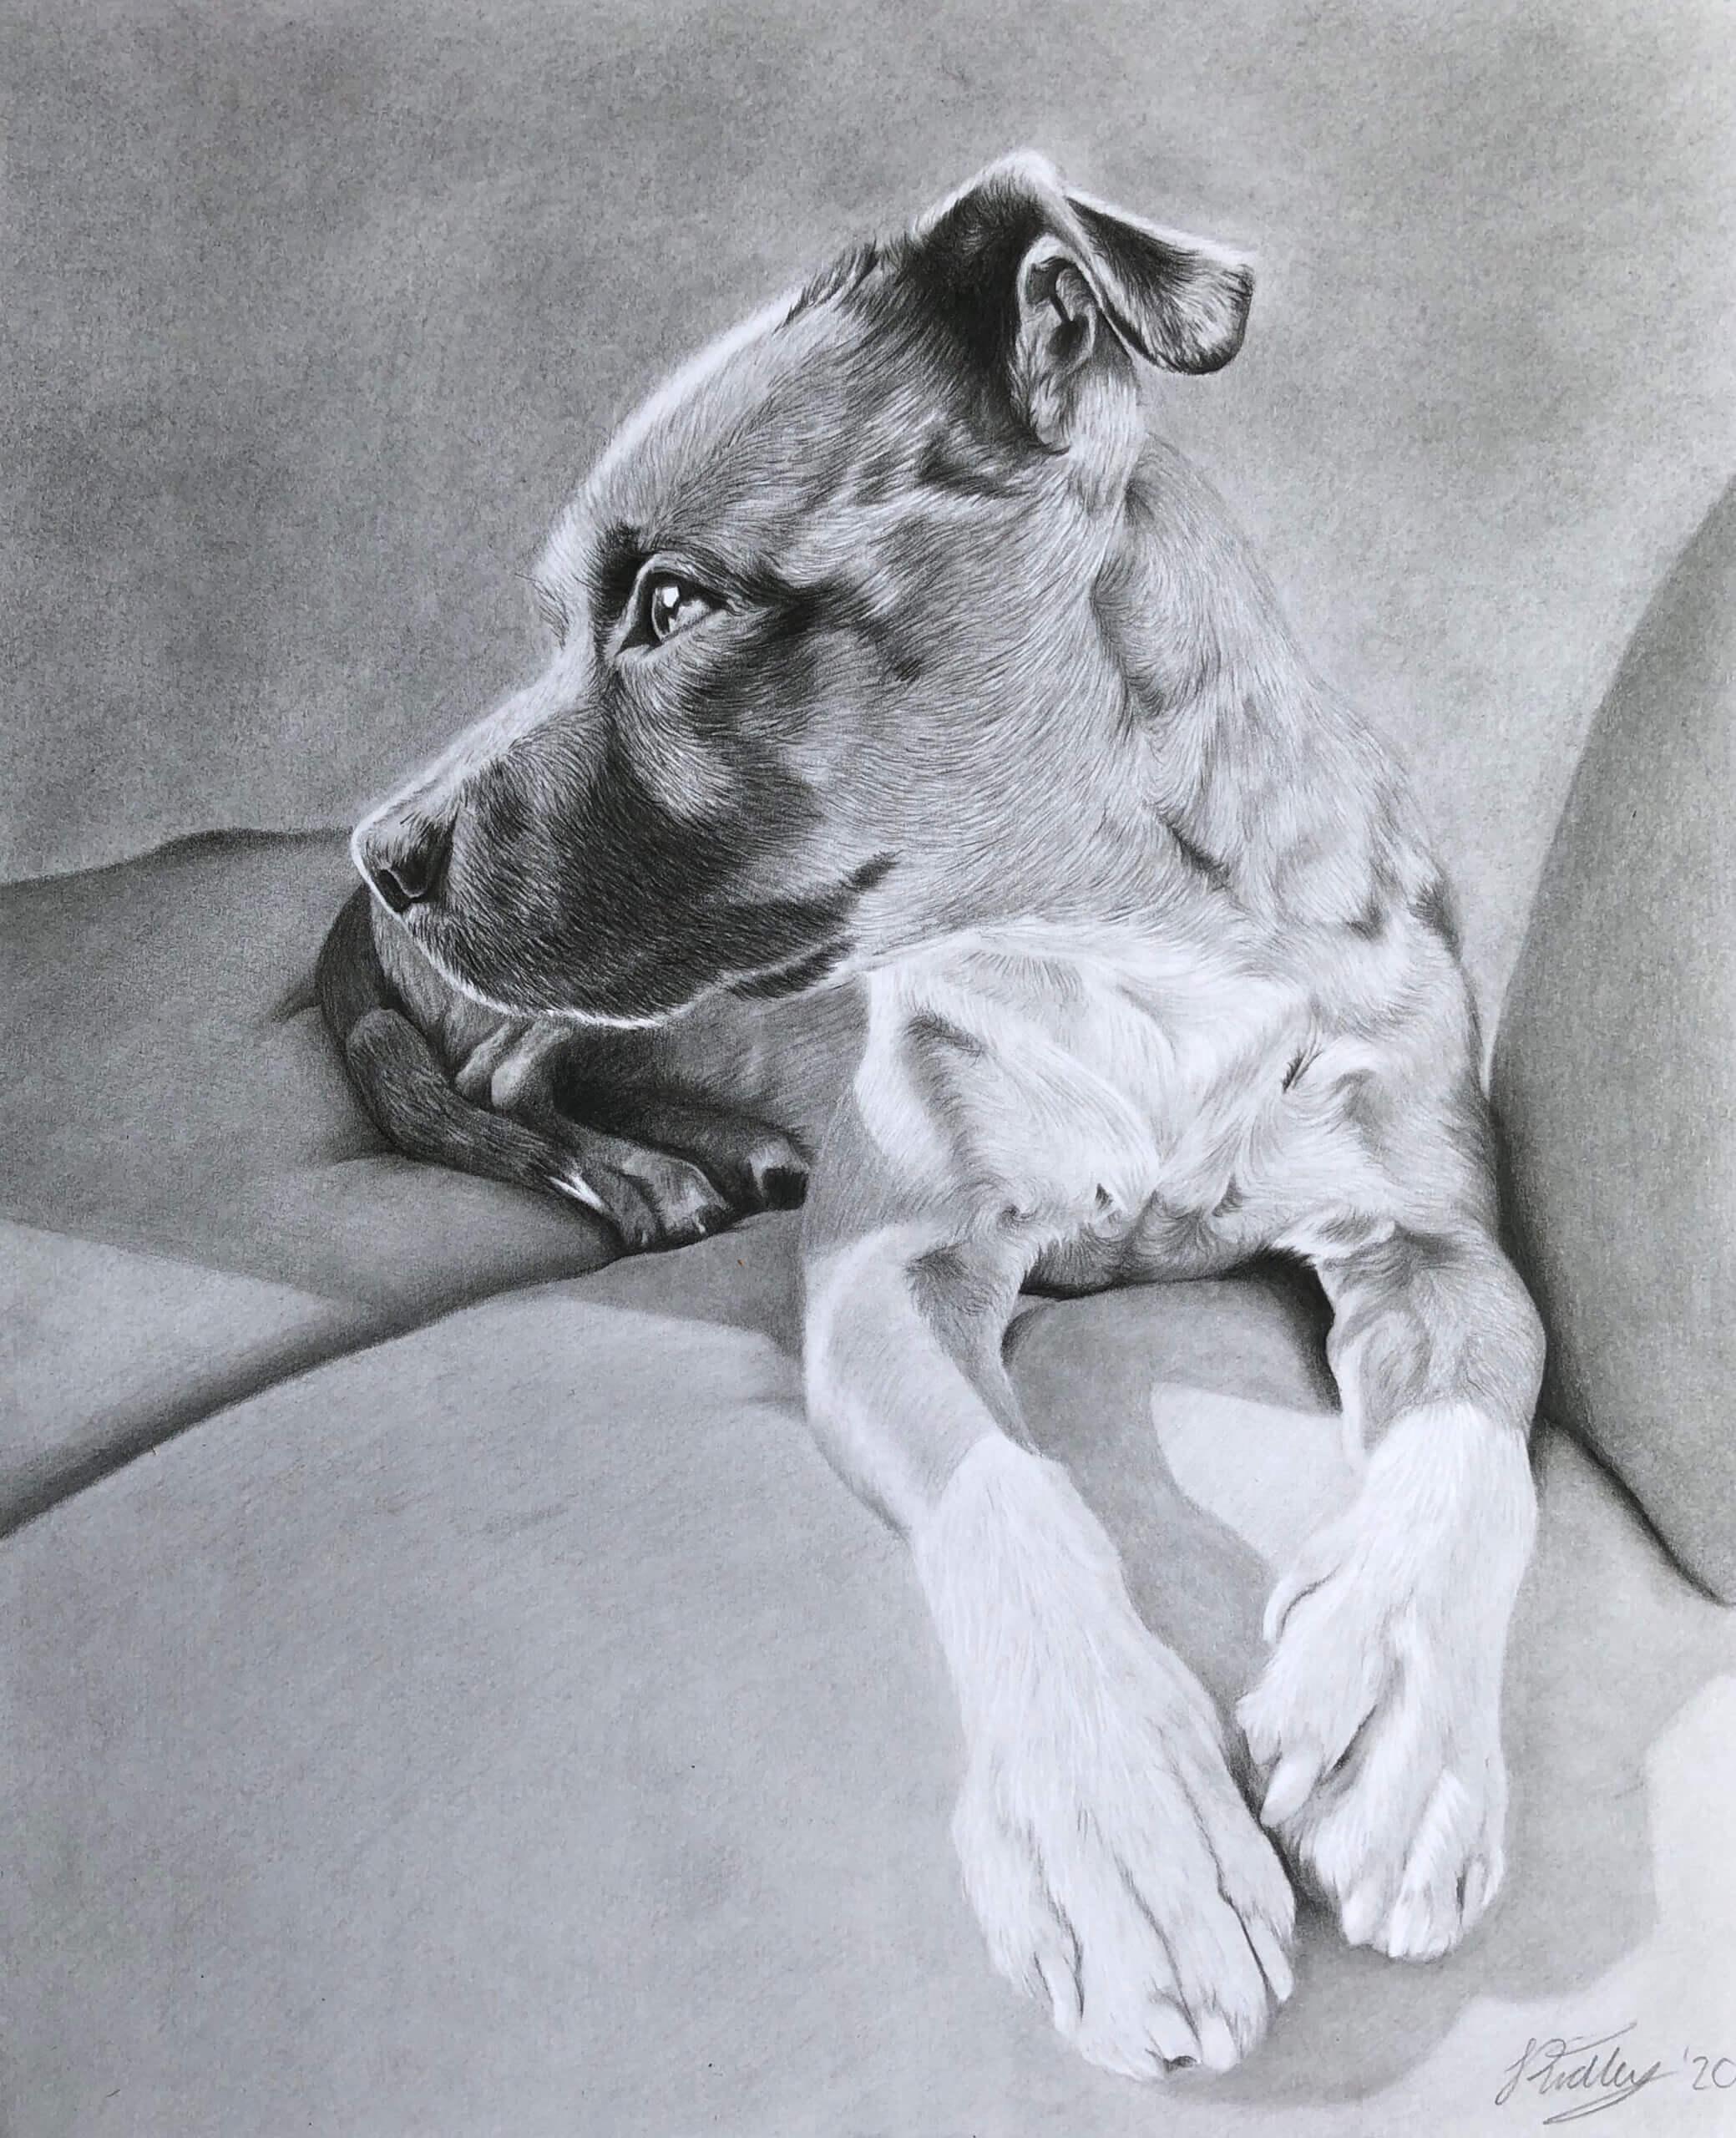 pet portrait Reference photos | Dog portrait photo